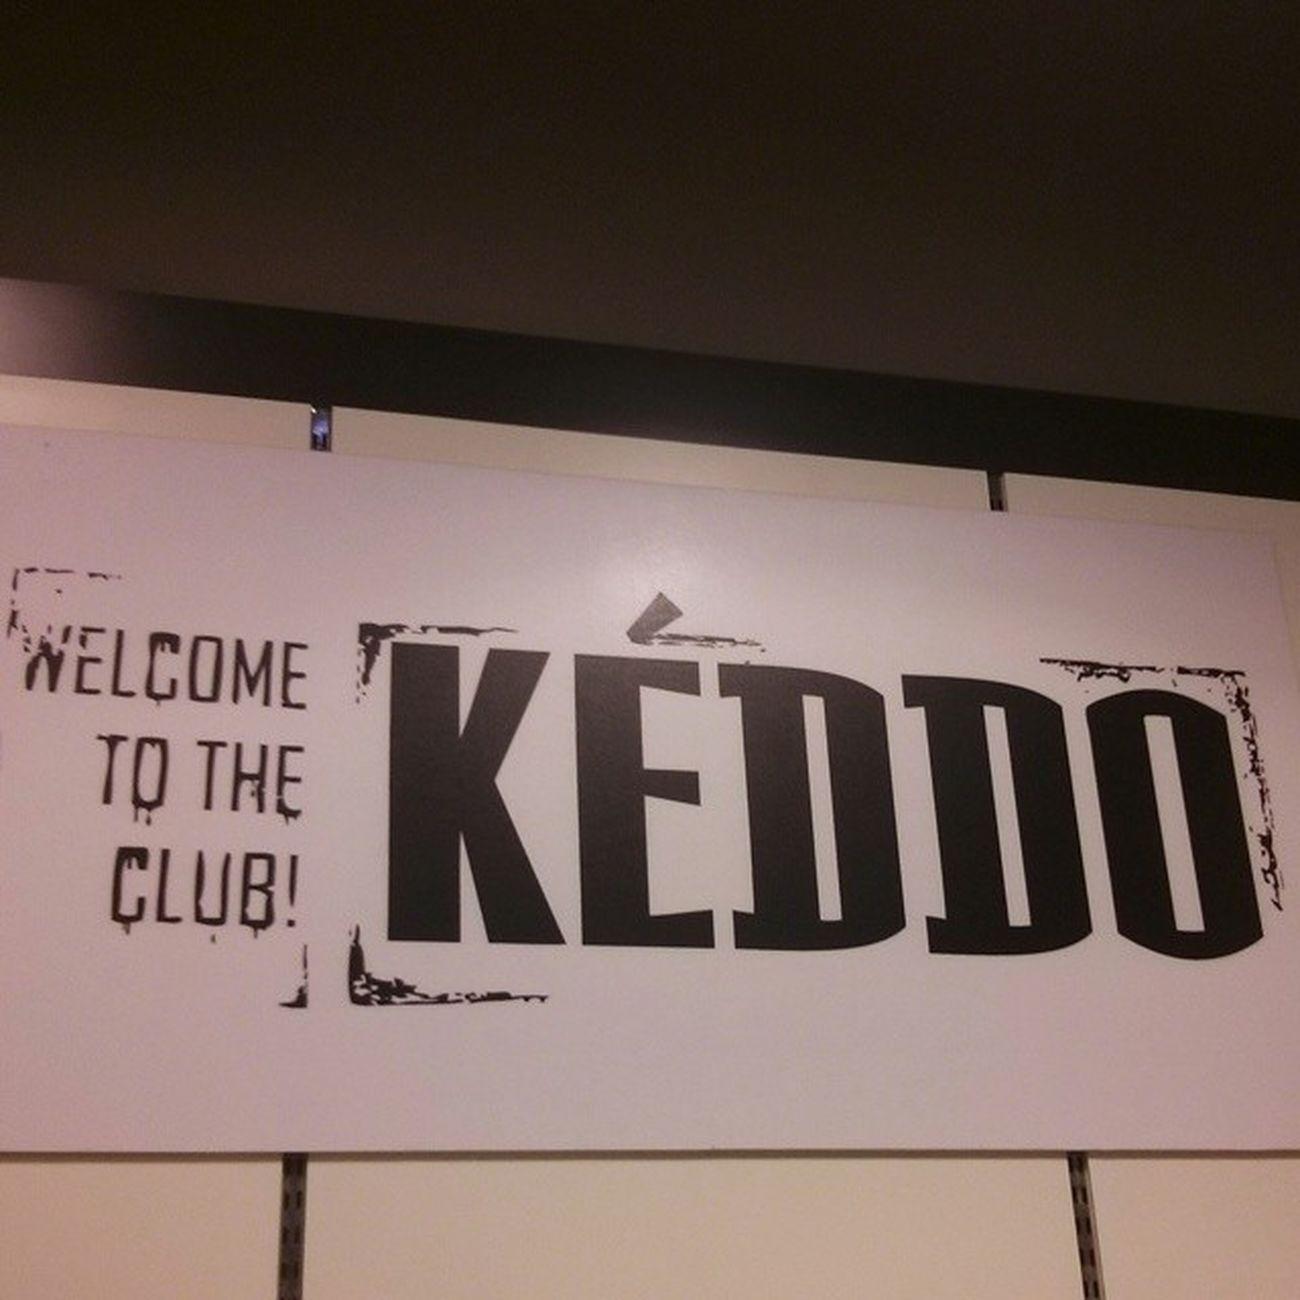 KeDoCbl